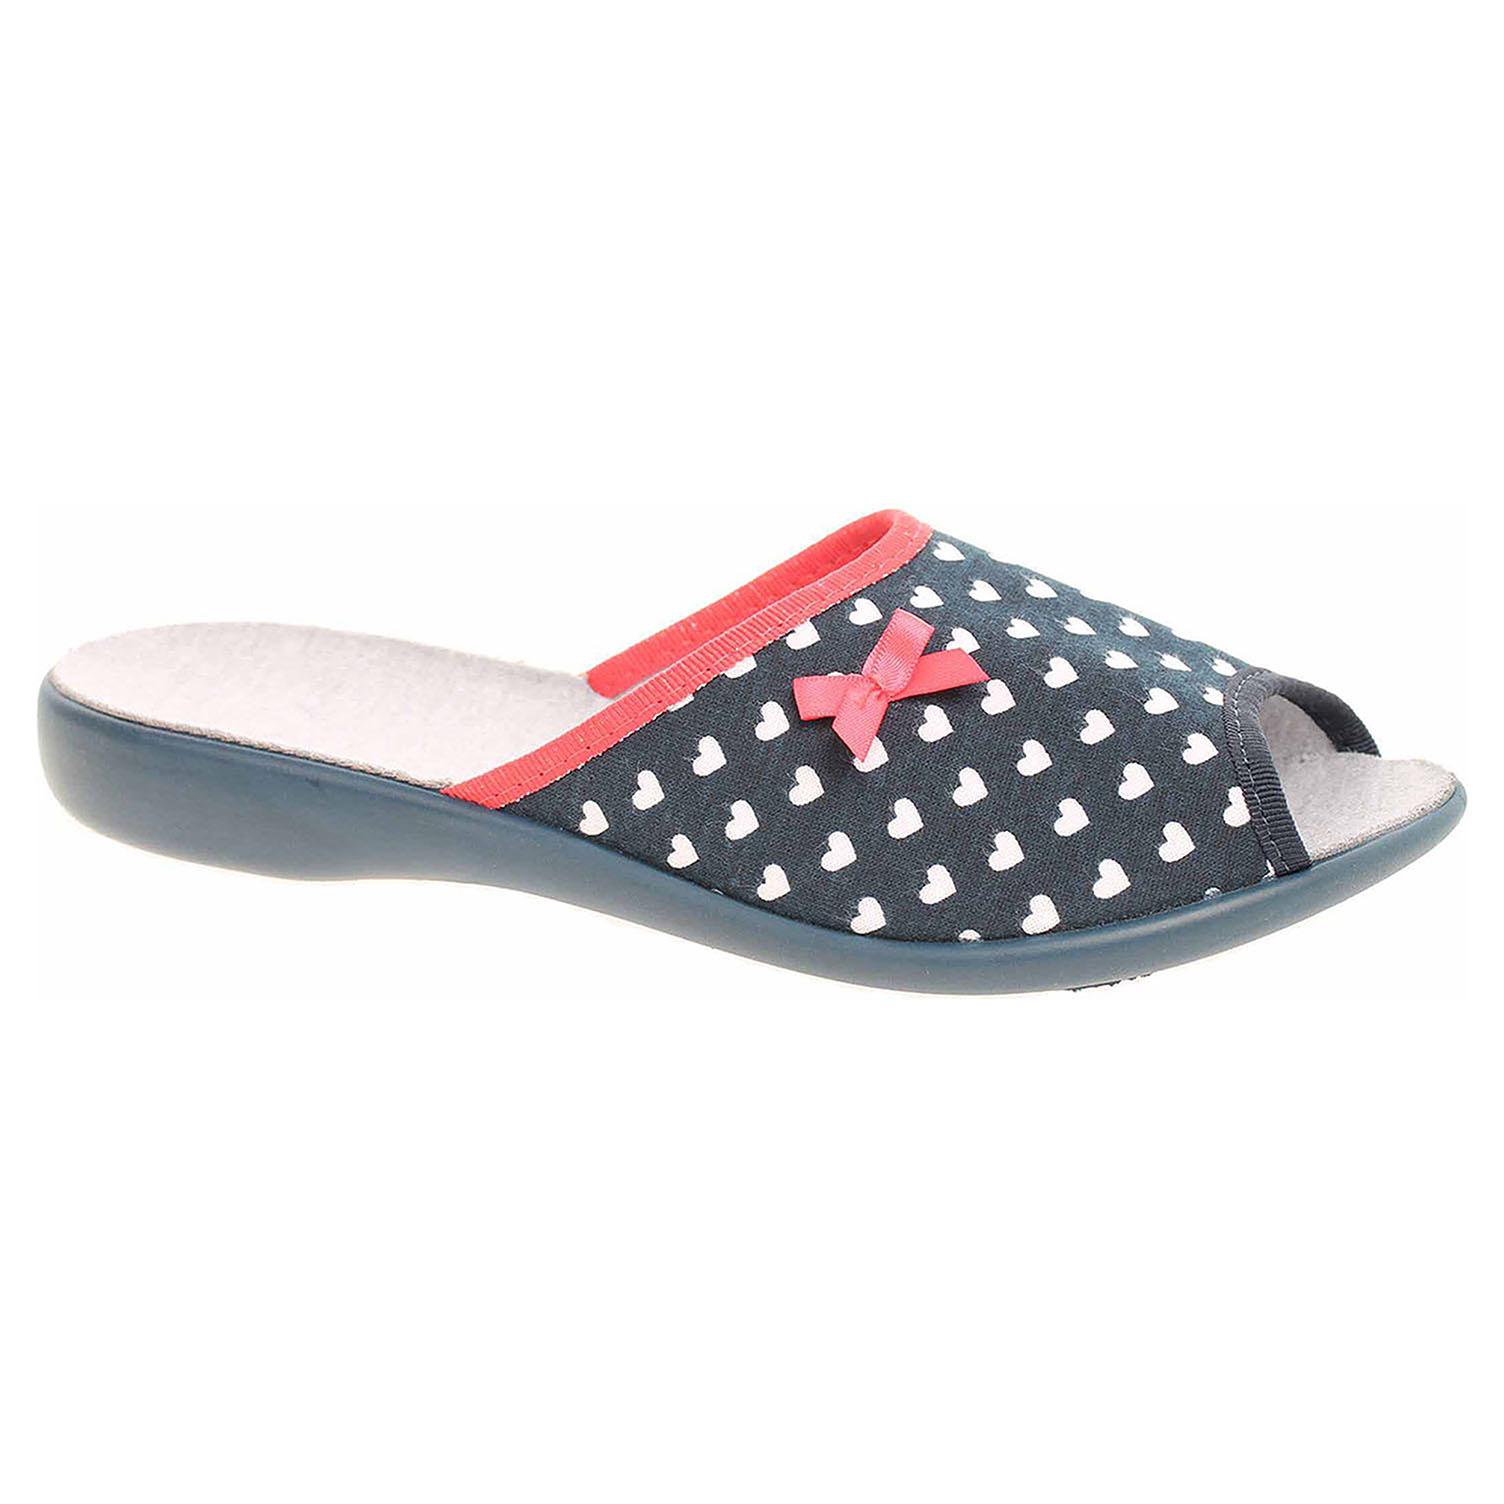 Dámské domácí pantofle Befado 254D099 modrá 254D099 38